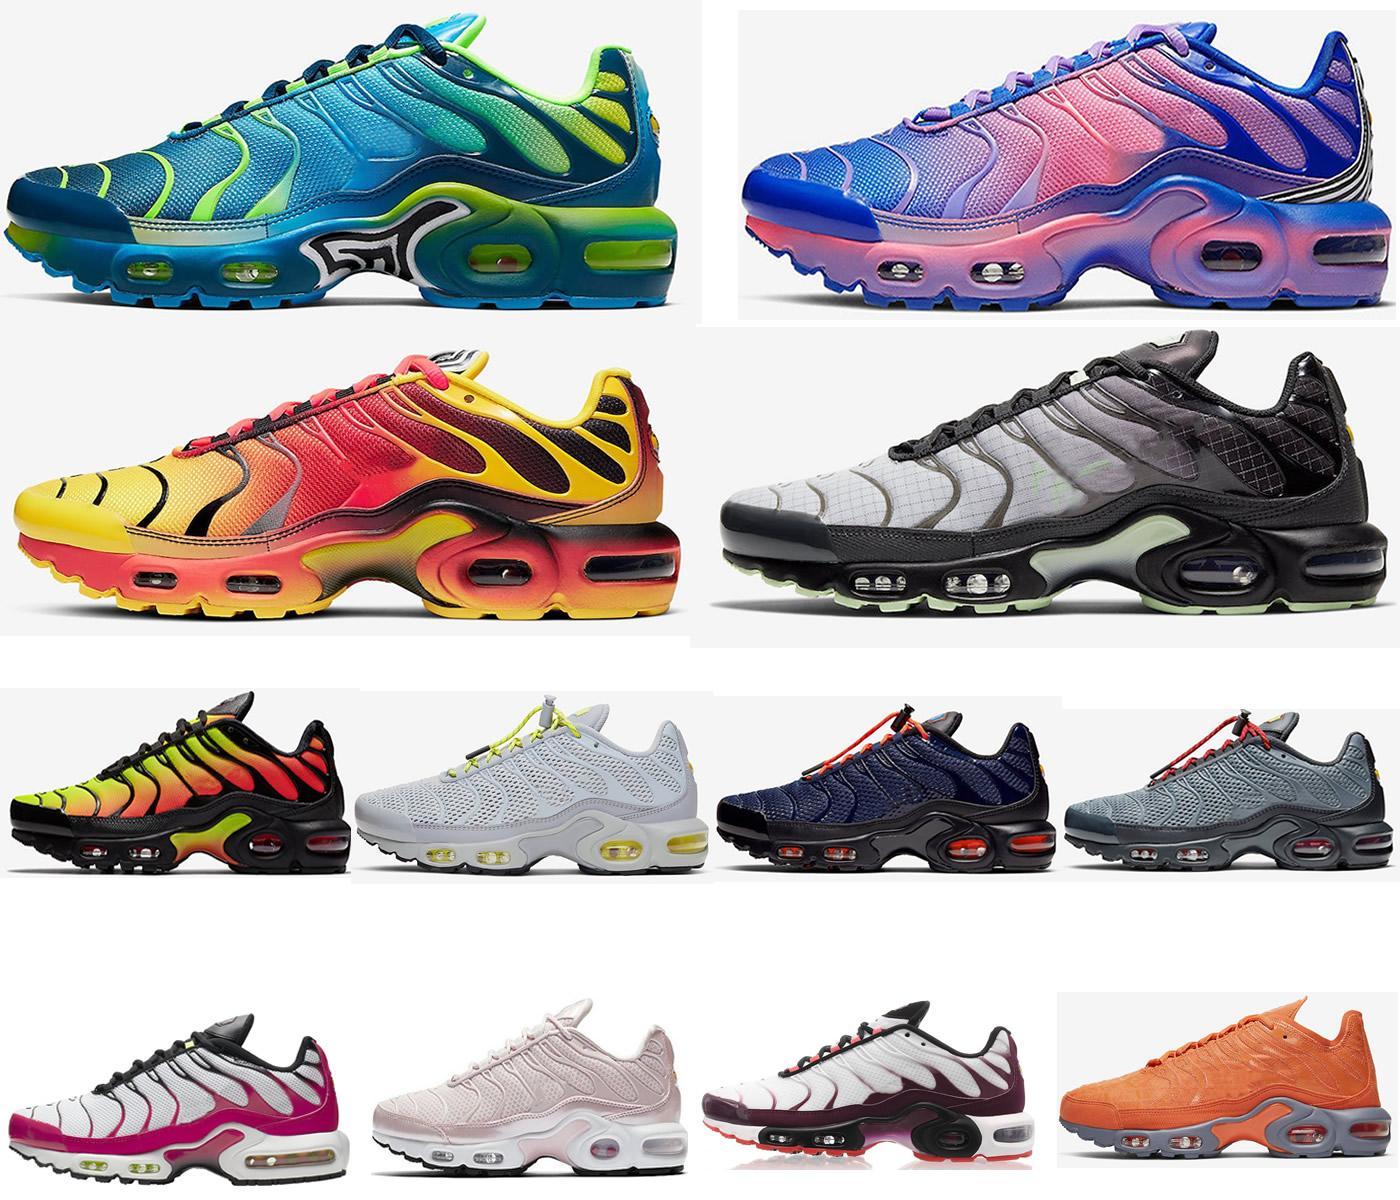 Meilleur Nike air max airmax vapormax TN Chaussures de course plus Hommes Femmes Laine Gris Jeu Royal Tropical Sunset Creamsicle Designer sneakers sport